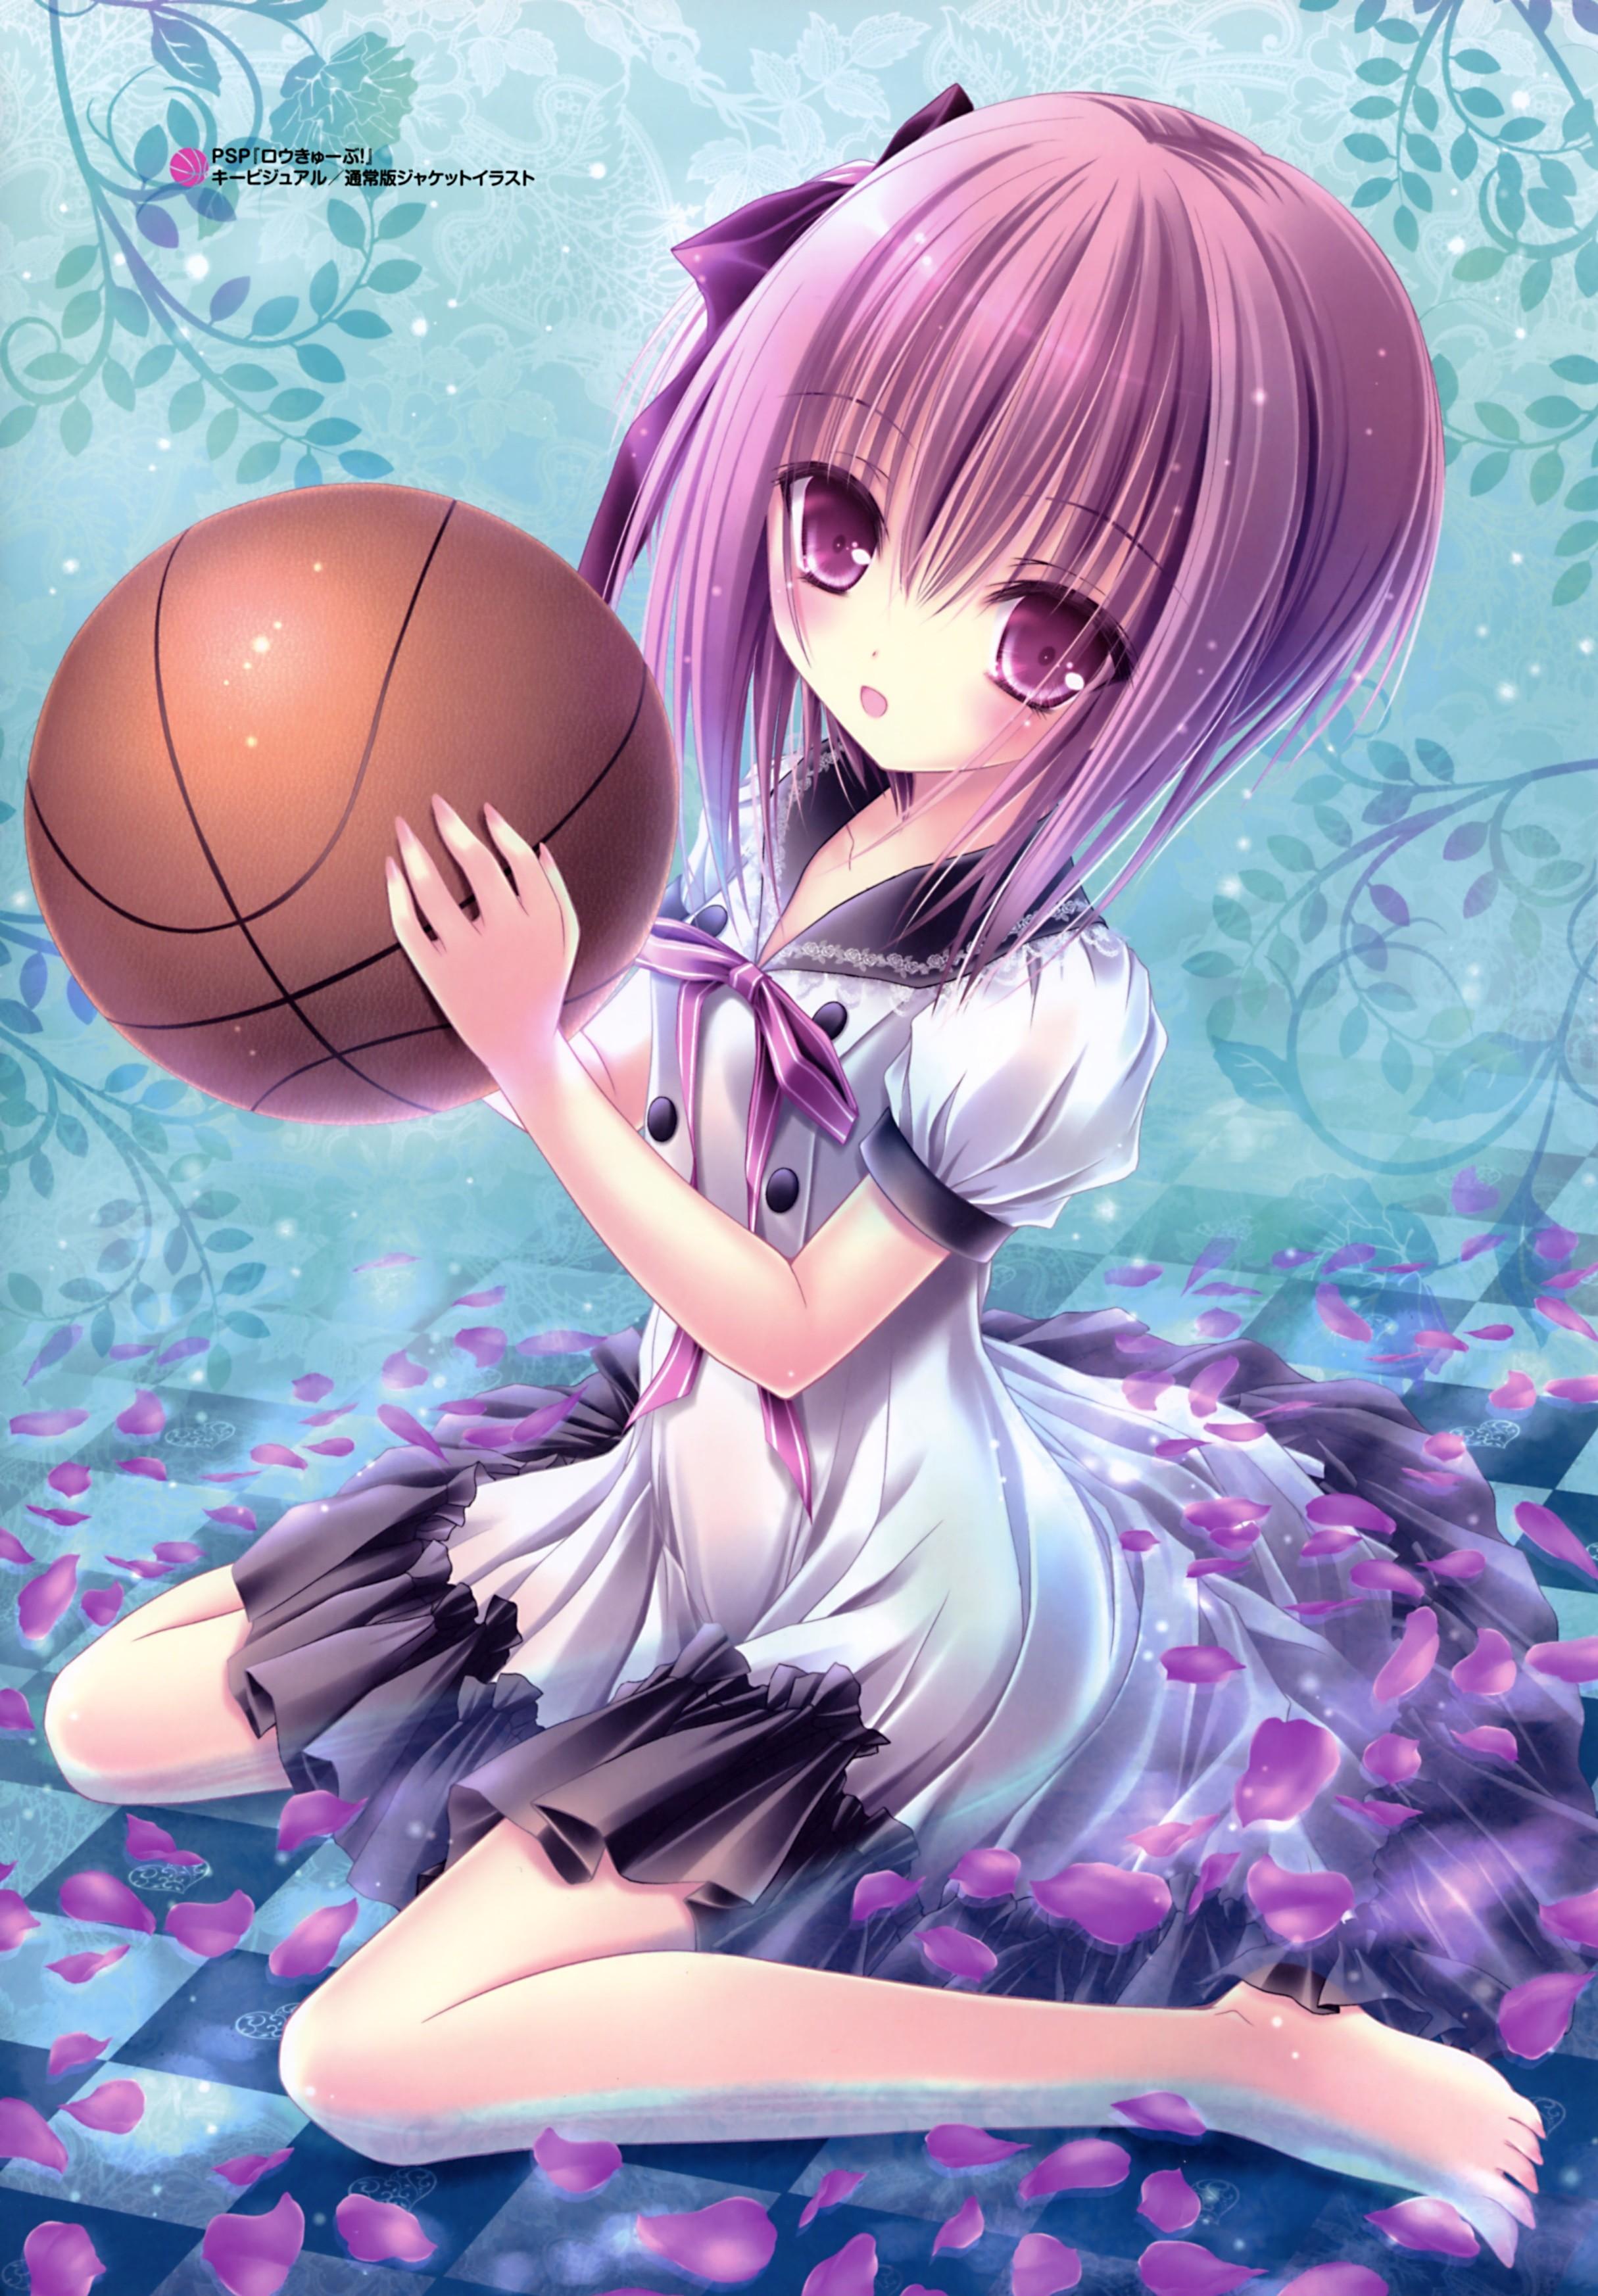 Wallpaper Illustration Anime Girls Short Hair Loli Feet